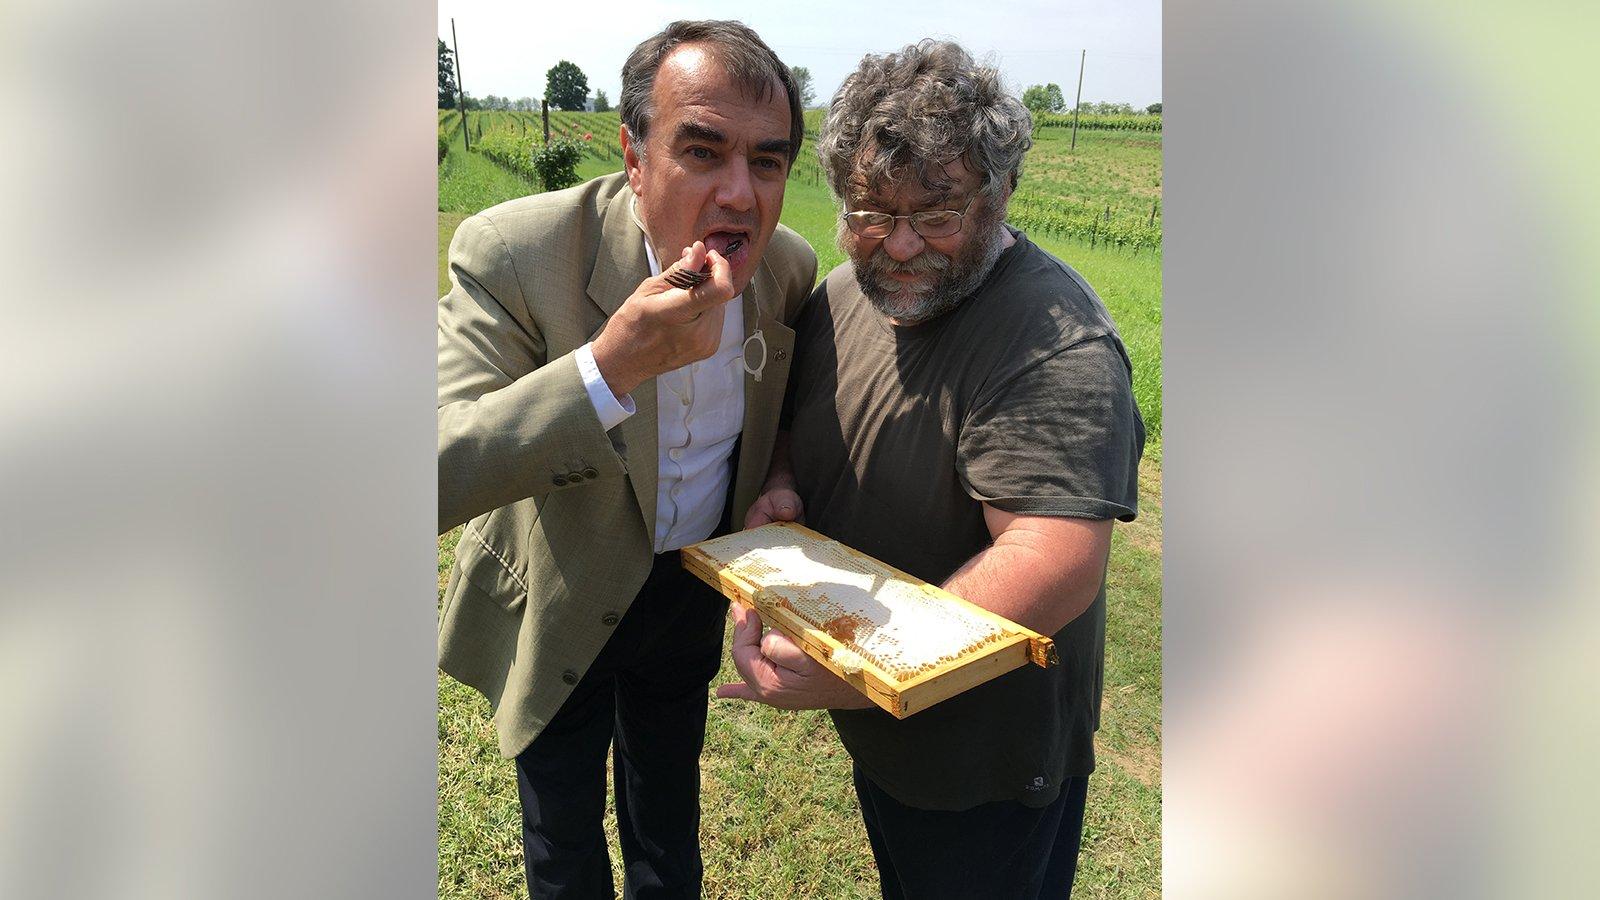 Un sommellier assaggia il miele artigianale offertogli da un operaio dell'azienda Pratum Coller a Castel Mella